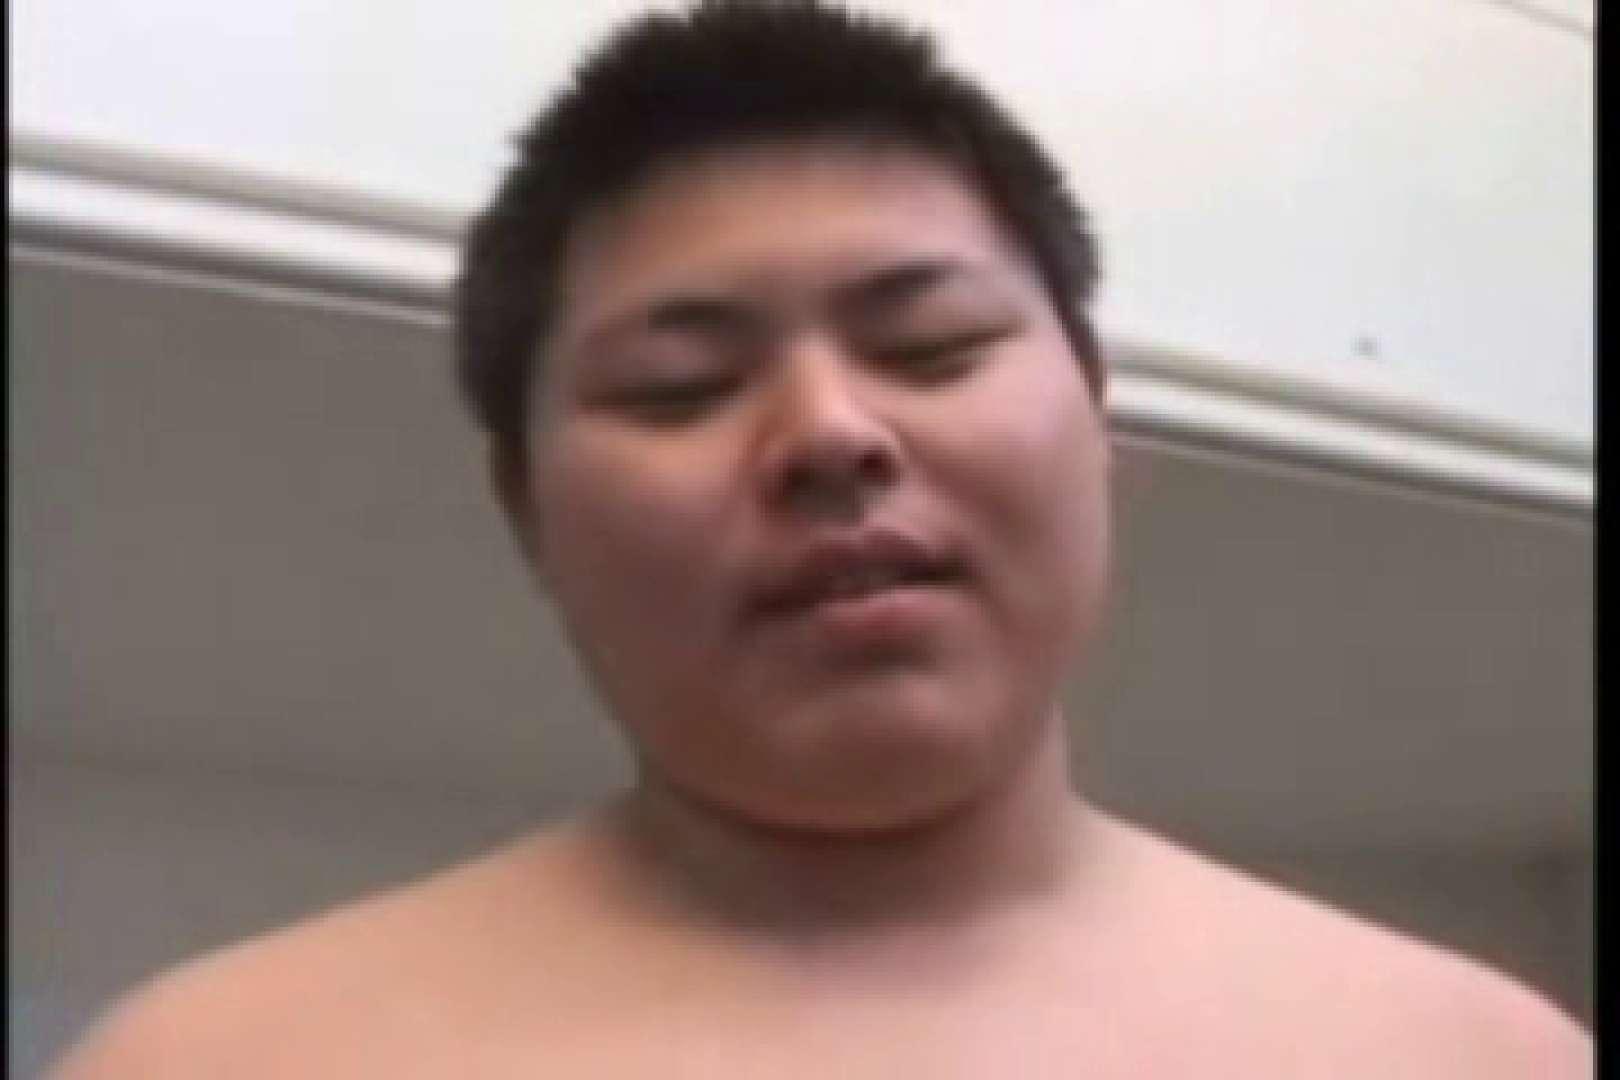 ファイル流出! ! 太郎君のドロドロ射精 アナル ゲイザーメン画像 103枚 23